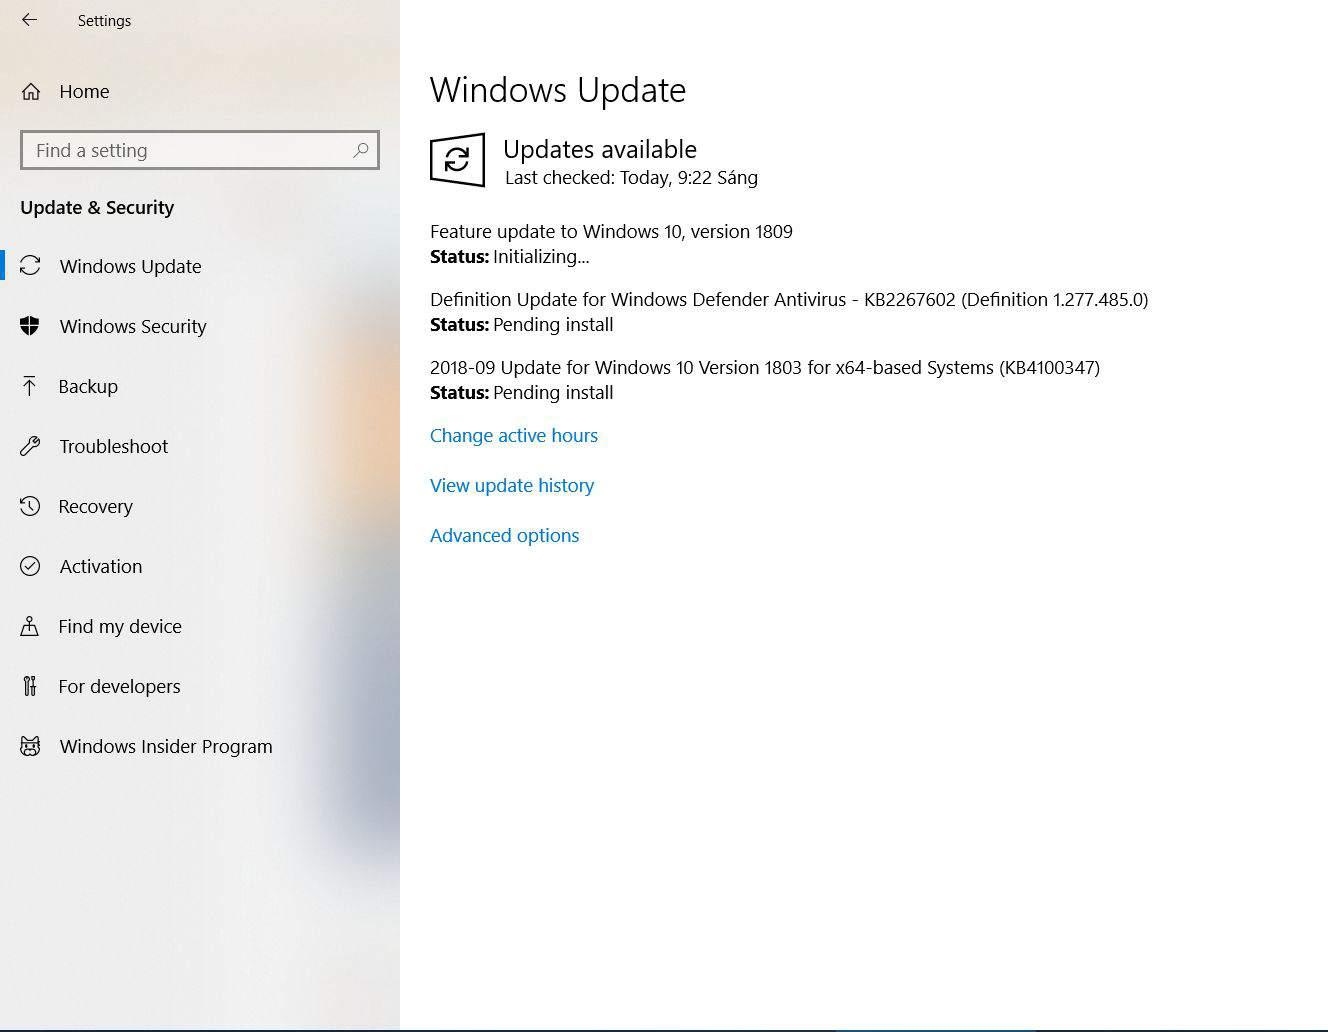 4441654 upload 2018 10 3 9 24 44 - Mời tải về file ISO Windows 10 October 2018 Update (Redstone 5) và LTSC version 1809